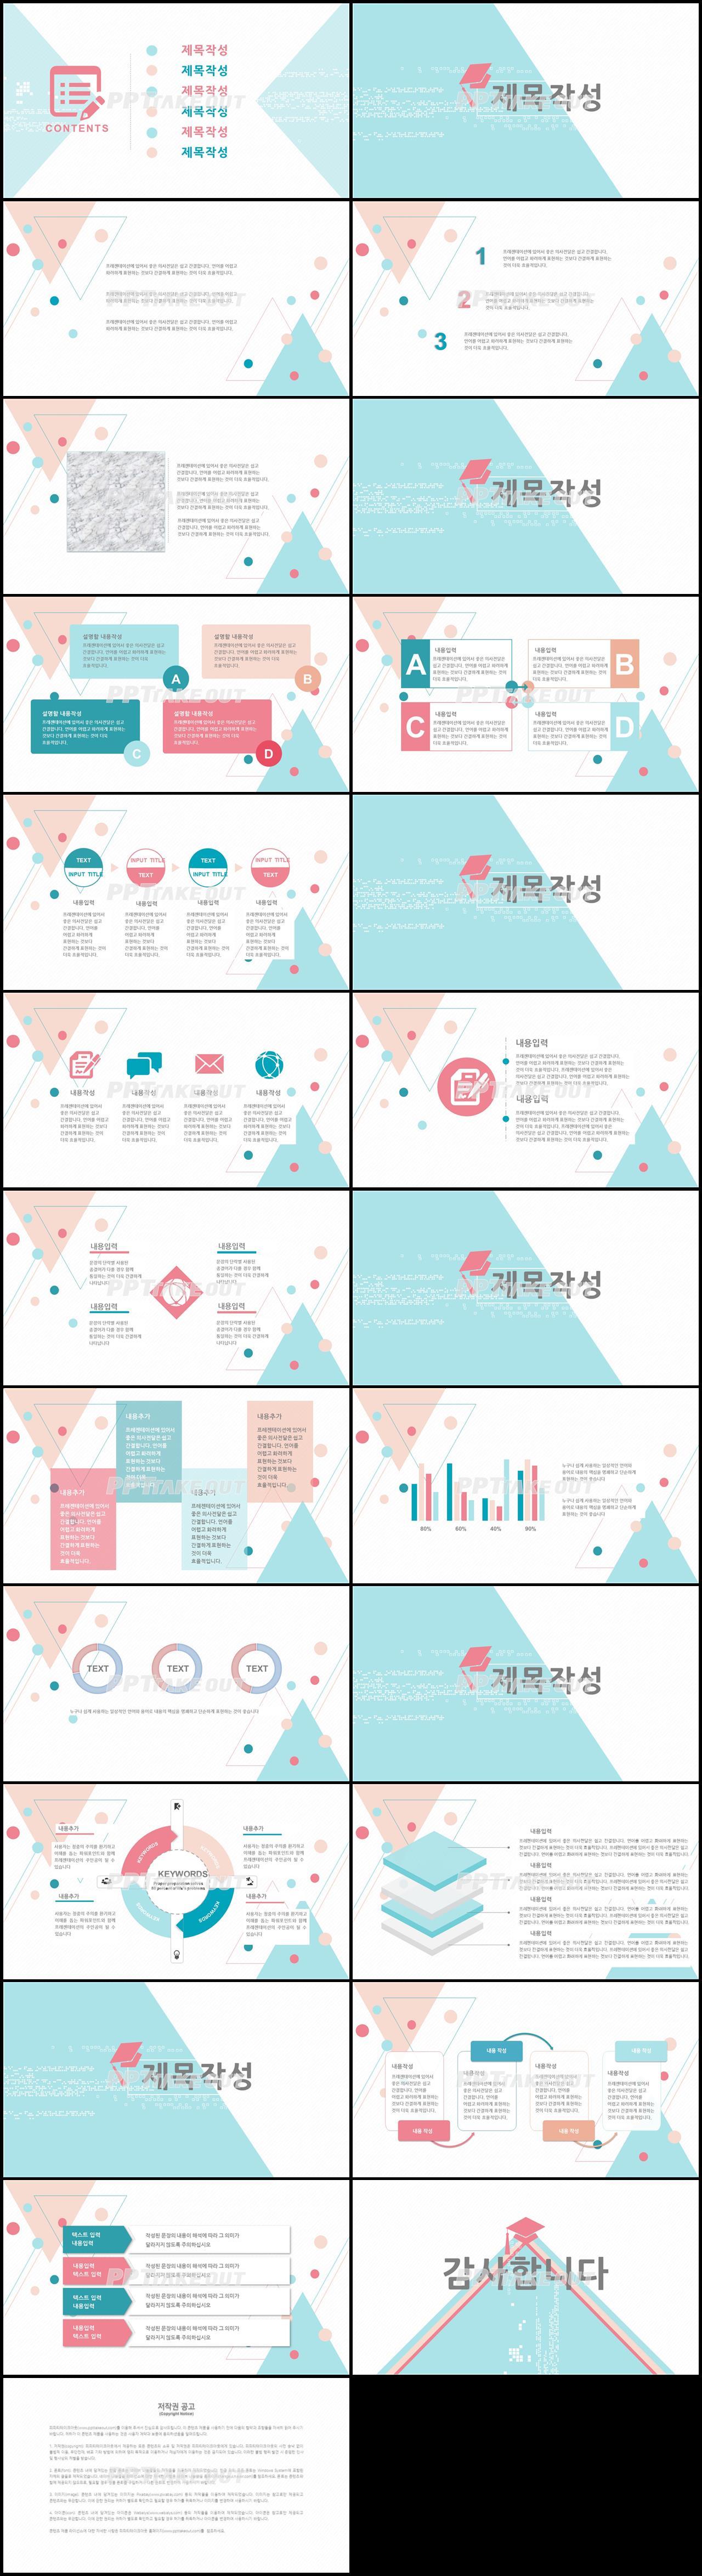 논문발표 파란색 단정한 다양한 주제에 어울리는 POWERPOINT양식 디자인 상세보기